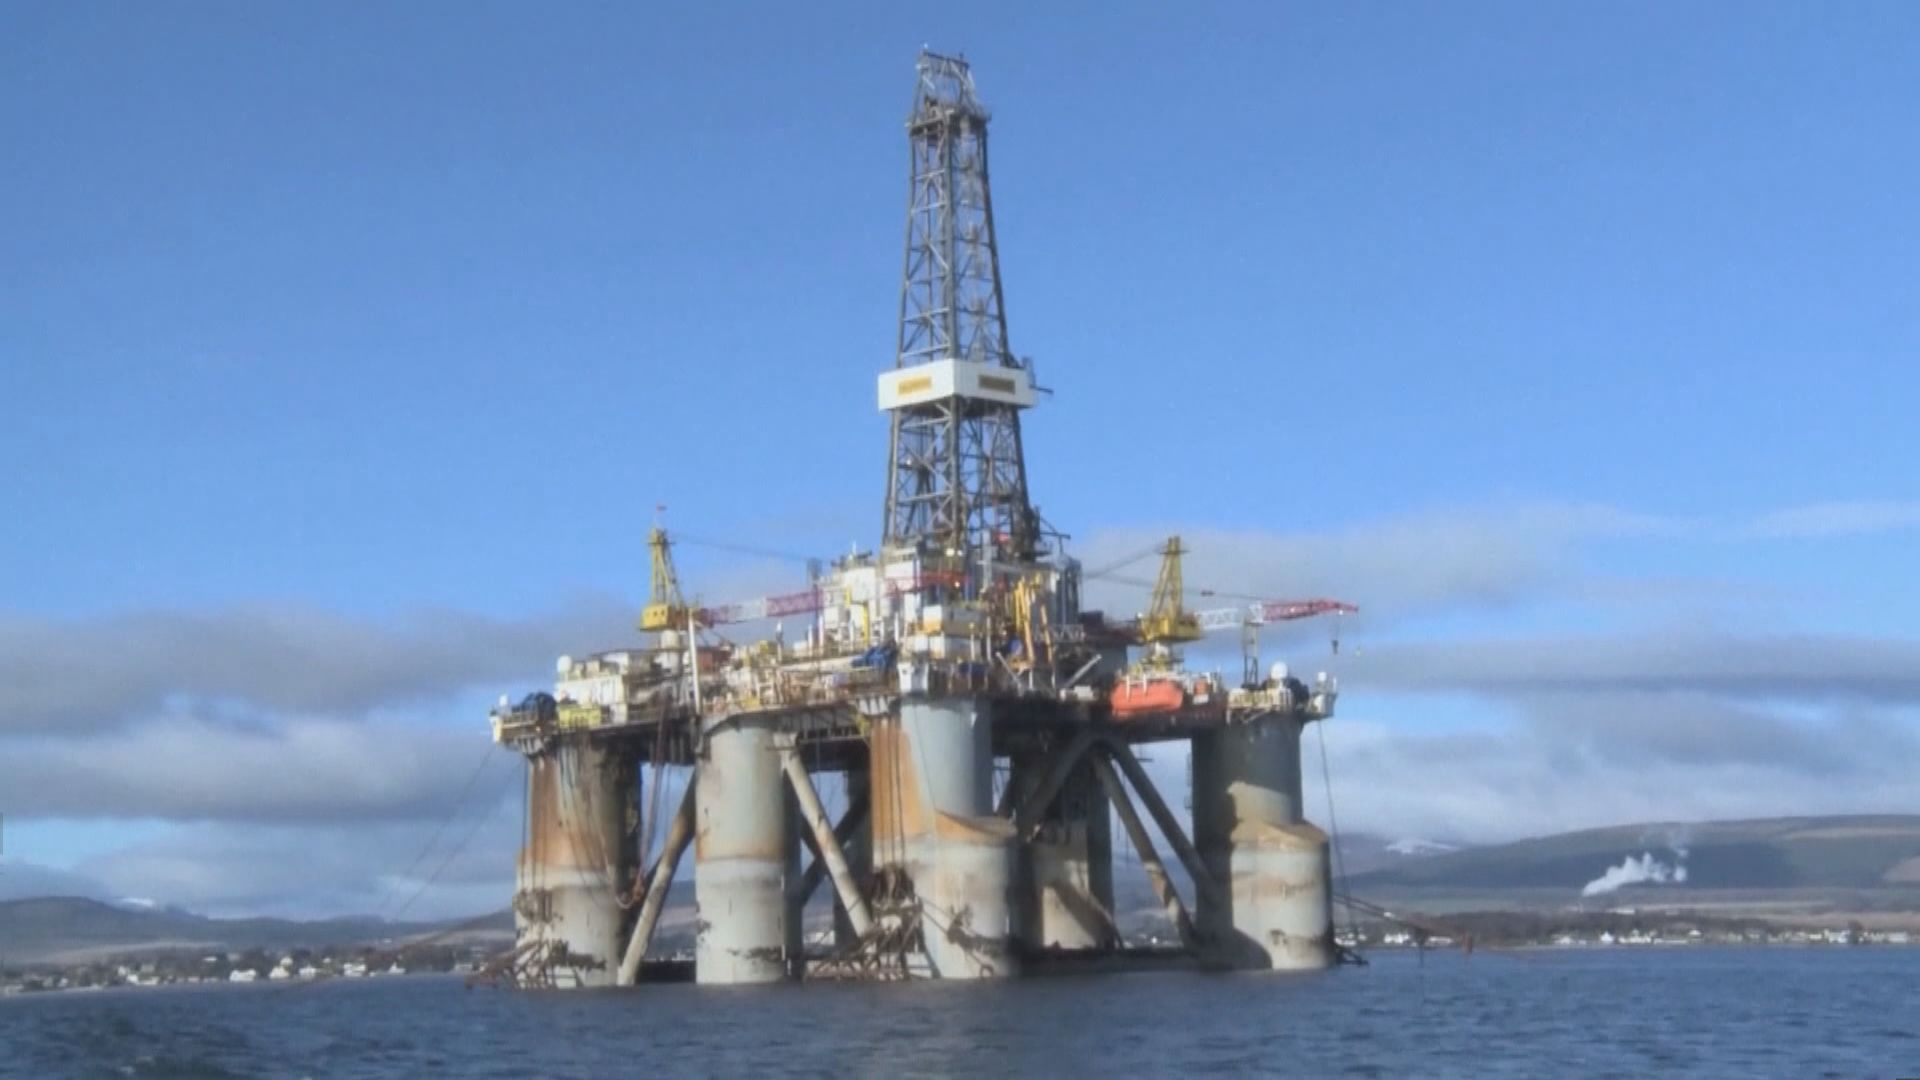 油價下跌 因憂慮全球經濟放緩